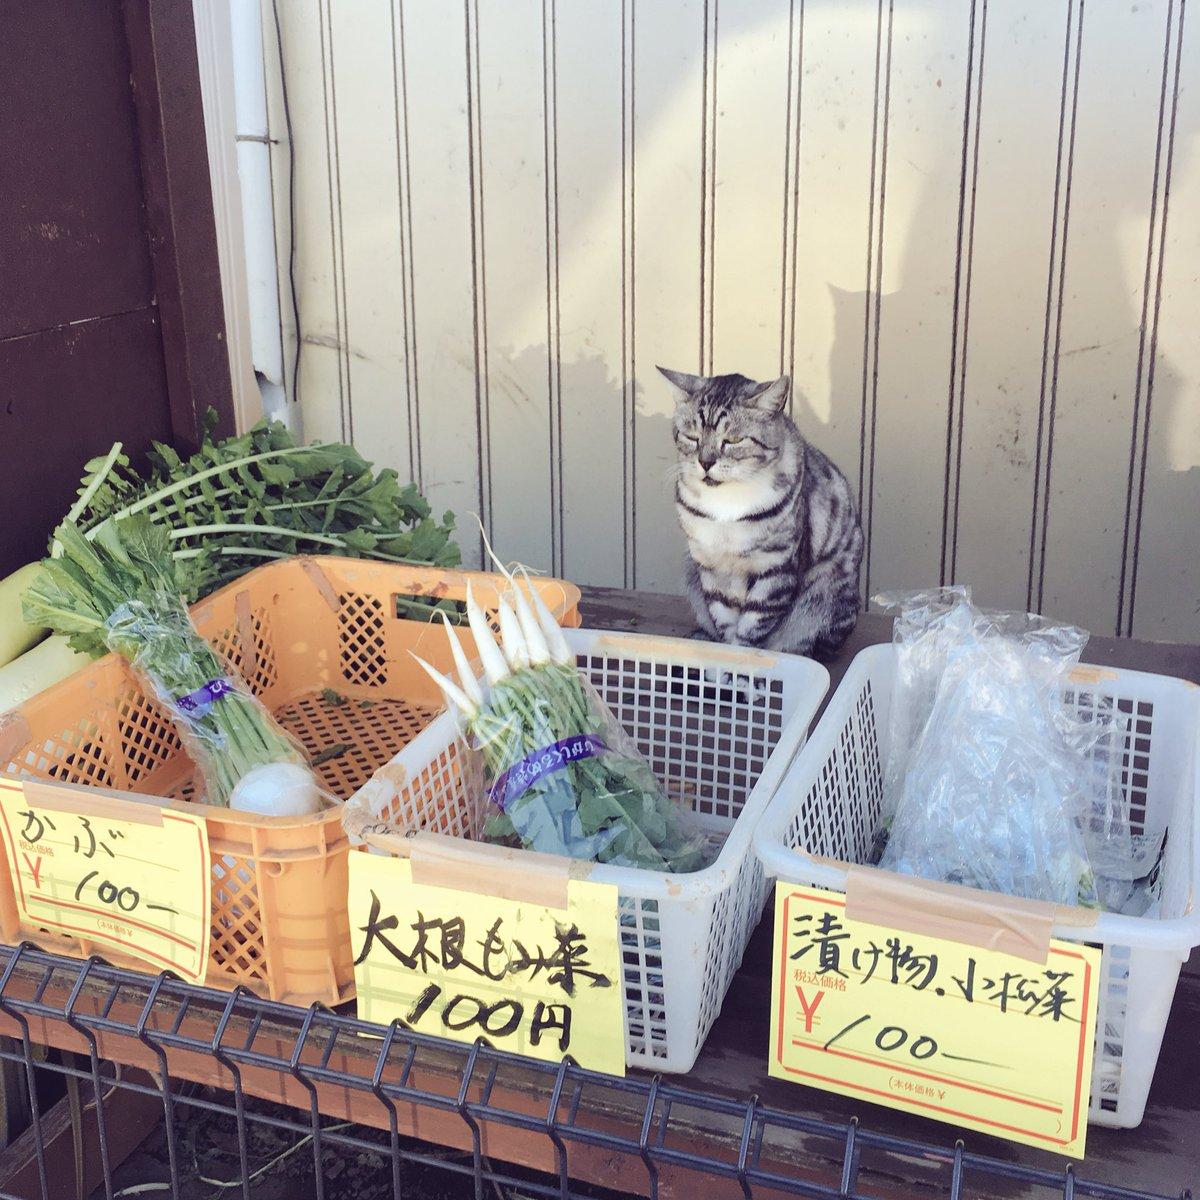 自転車漕いでたら野菜の有猫販売があった(店員さんイチオシらしい大根のもみ菜を買いました)